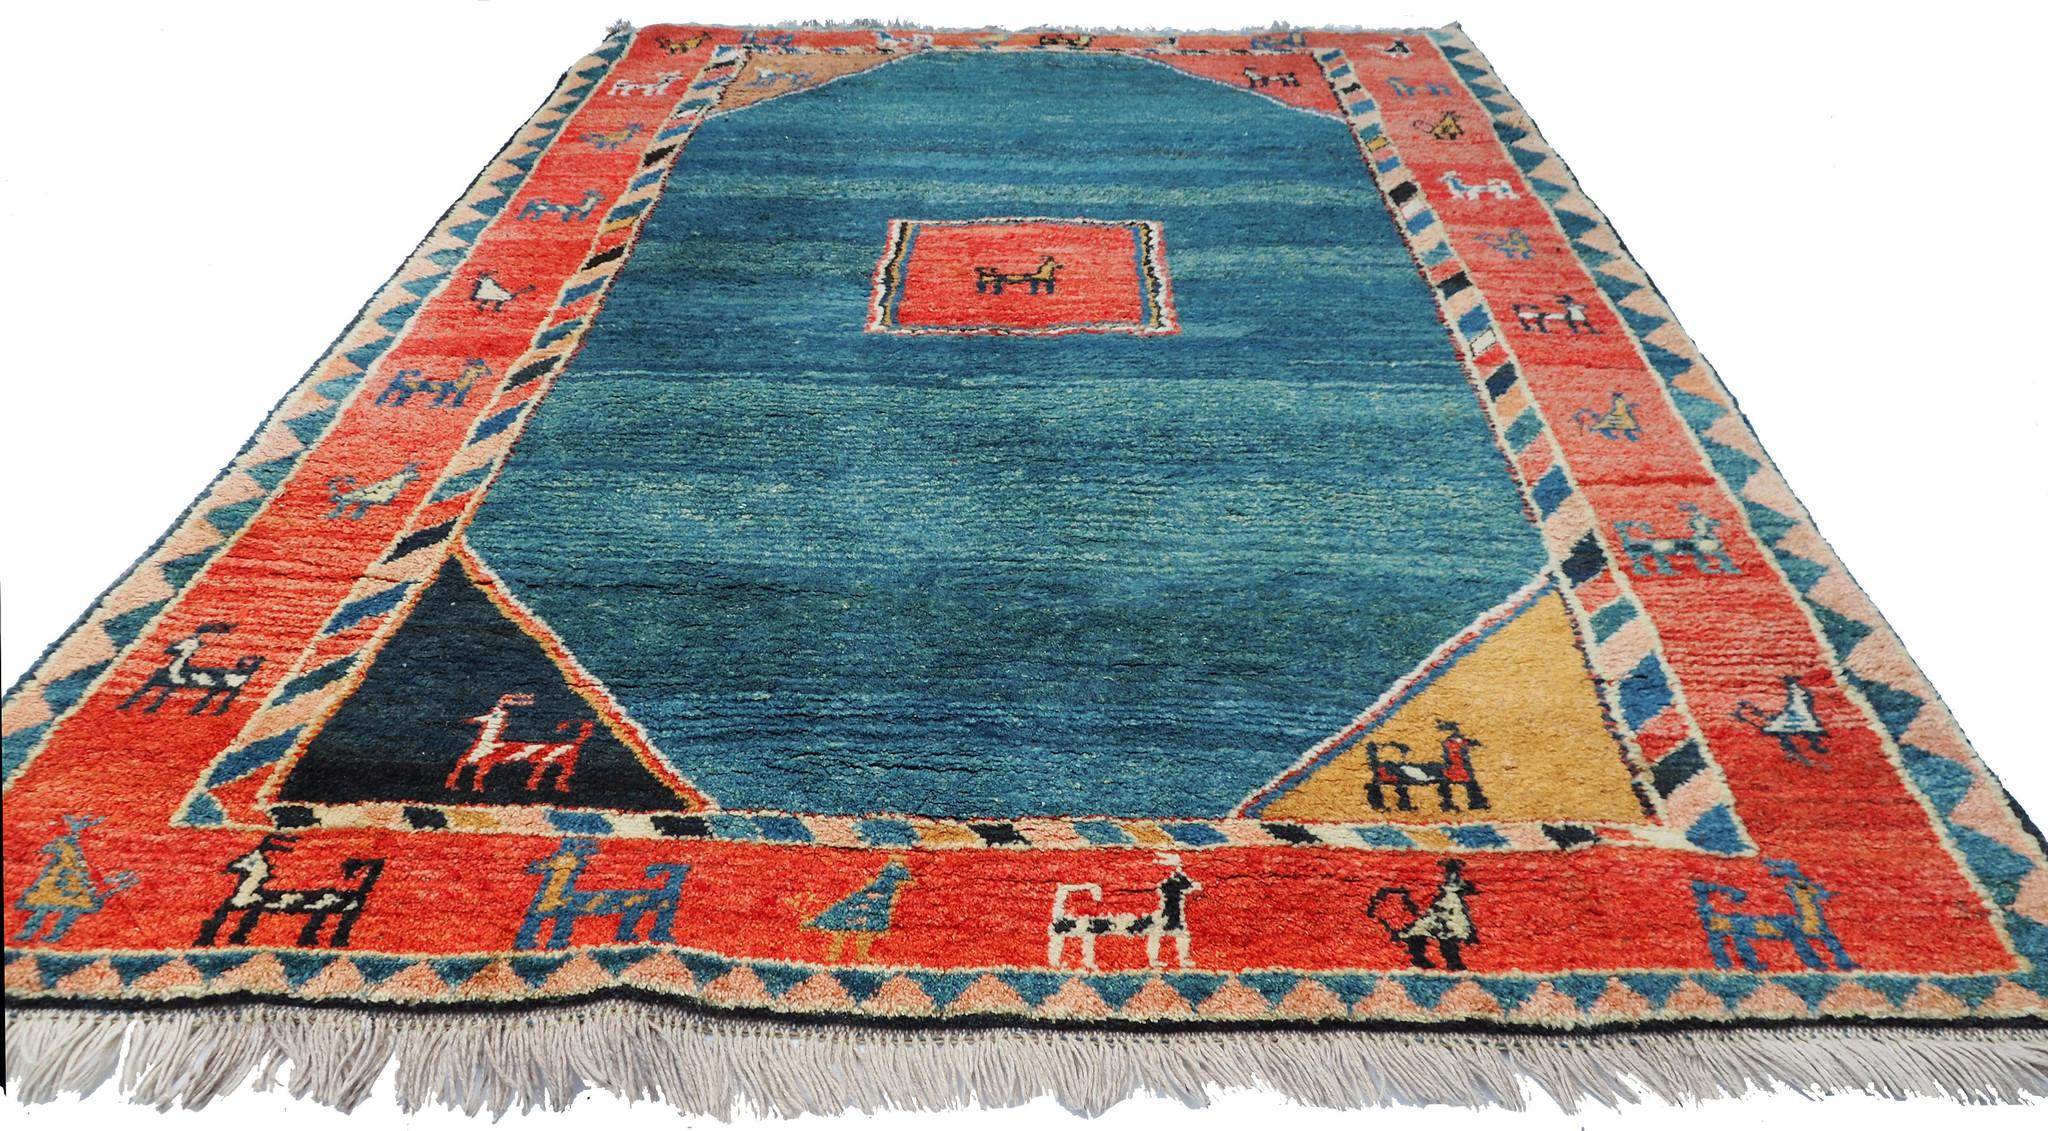 240x170 cm echte Nomaden Gabbeh Teppich